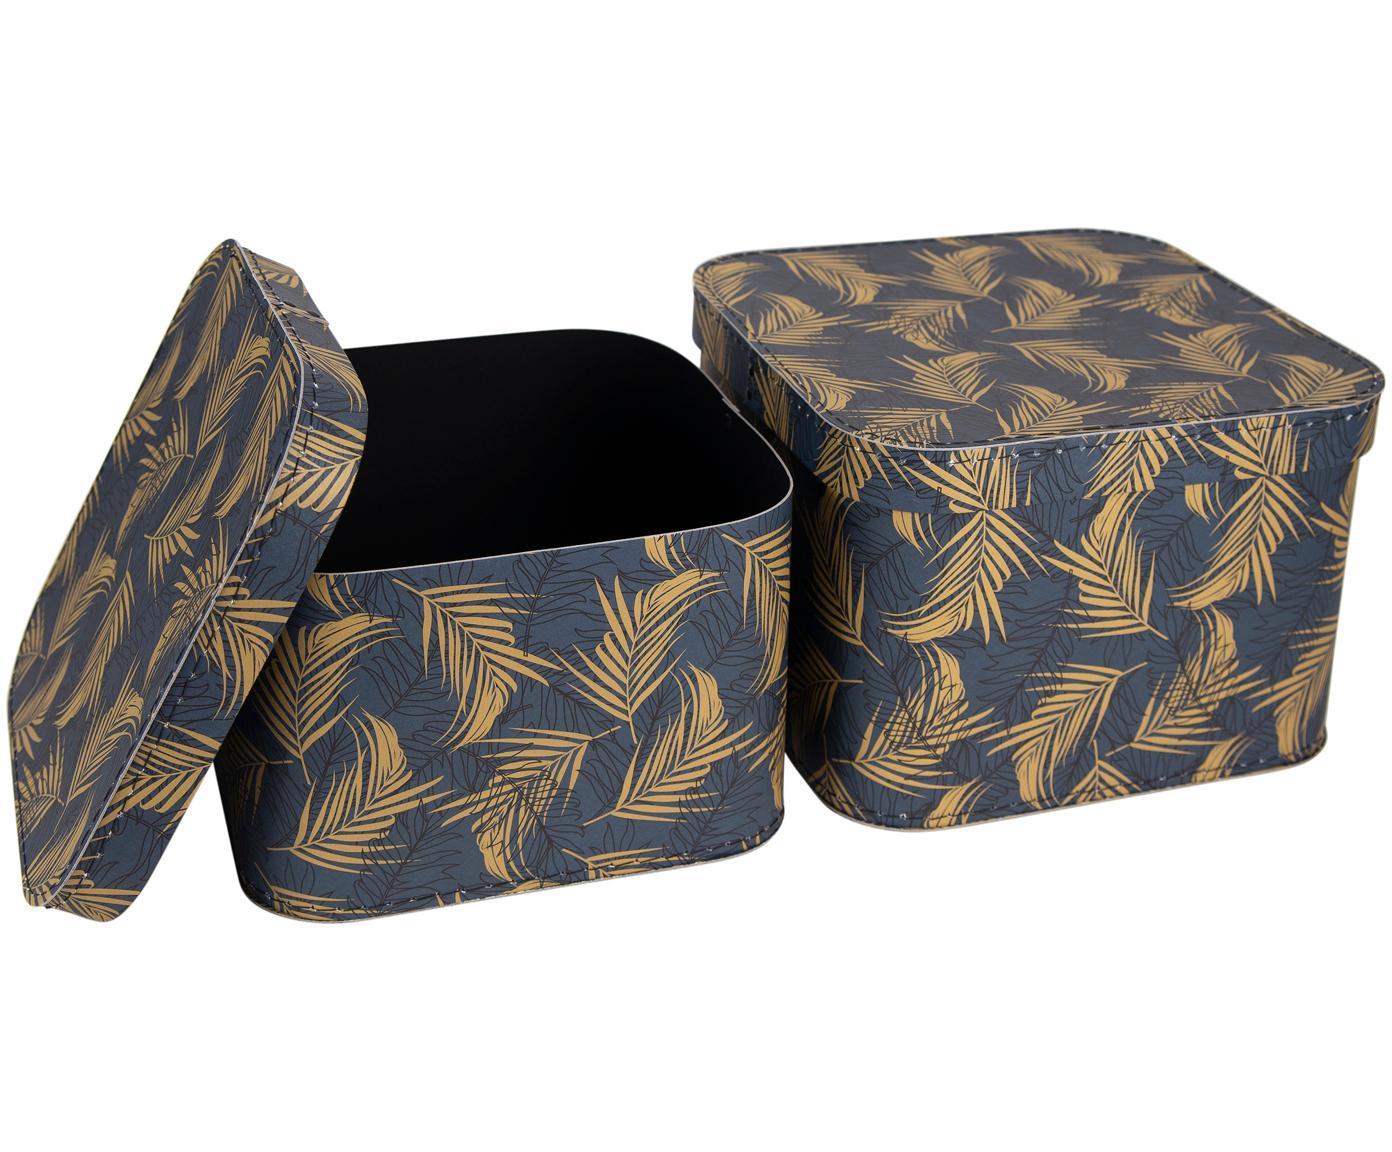 Komplet pudełek do przechowywania Ludvig, 2 elem., Solidna tektura laminowana, Odcienie złotego, szaroniebieski, Różne rozmiary